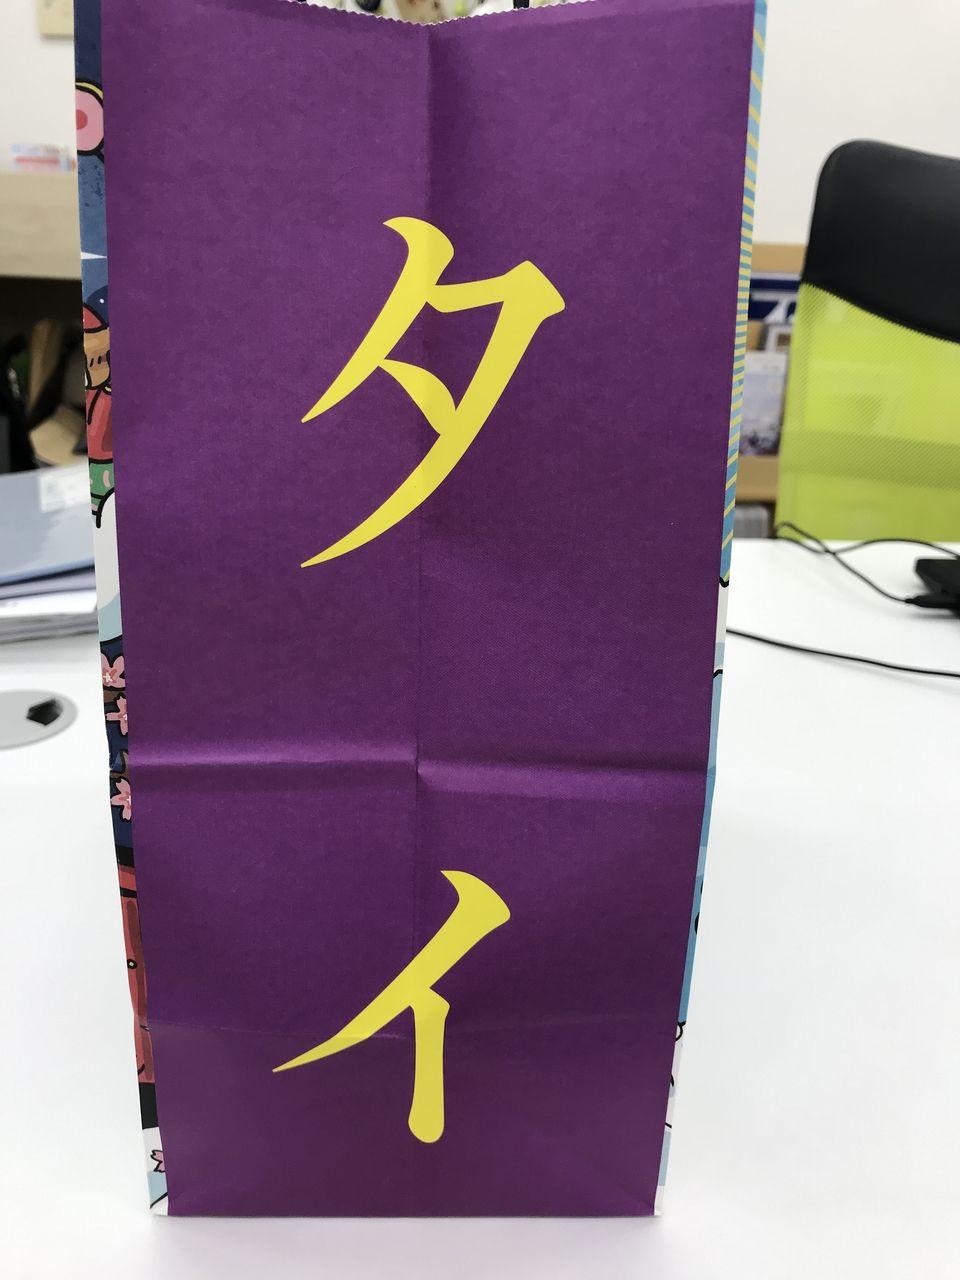 行徳のだきしめタイの袋の側面2